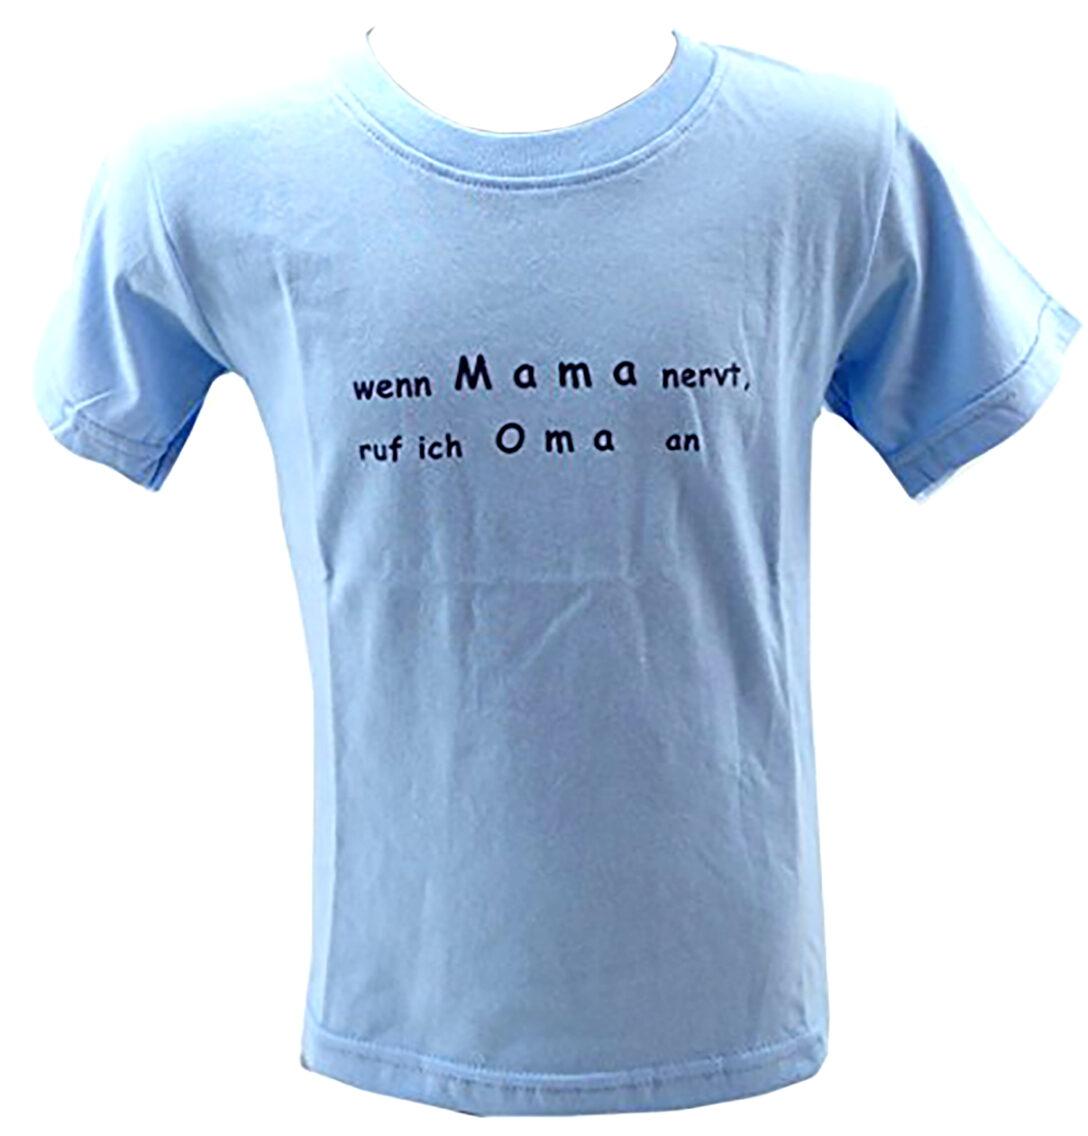 Large Size of Lustige T Shirt Sprüche Hemd Blau Sprche Shirts 1 6 Jahre Wenn Bettwäsche Einbauküche Günstig Plissee Fenster Bad Unterschrank Wassertank Garten Rattan Wohnzimmer Lustige T Shirt Sprüche